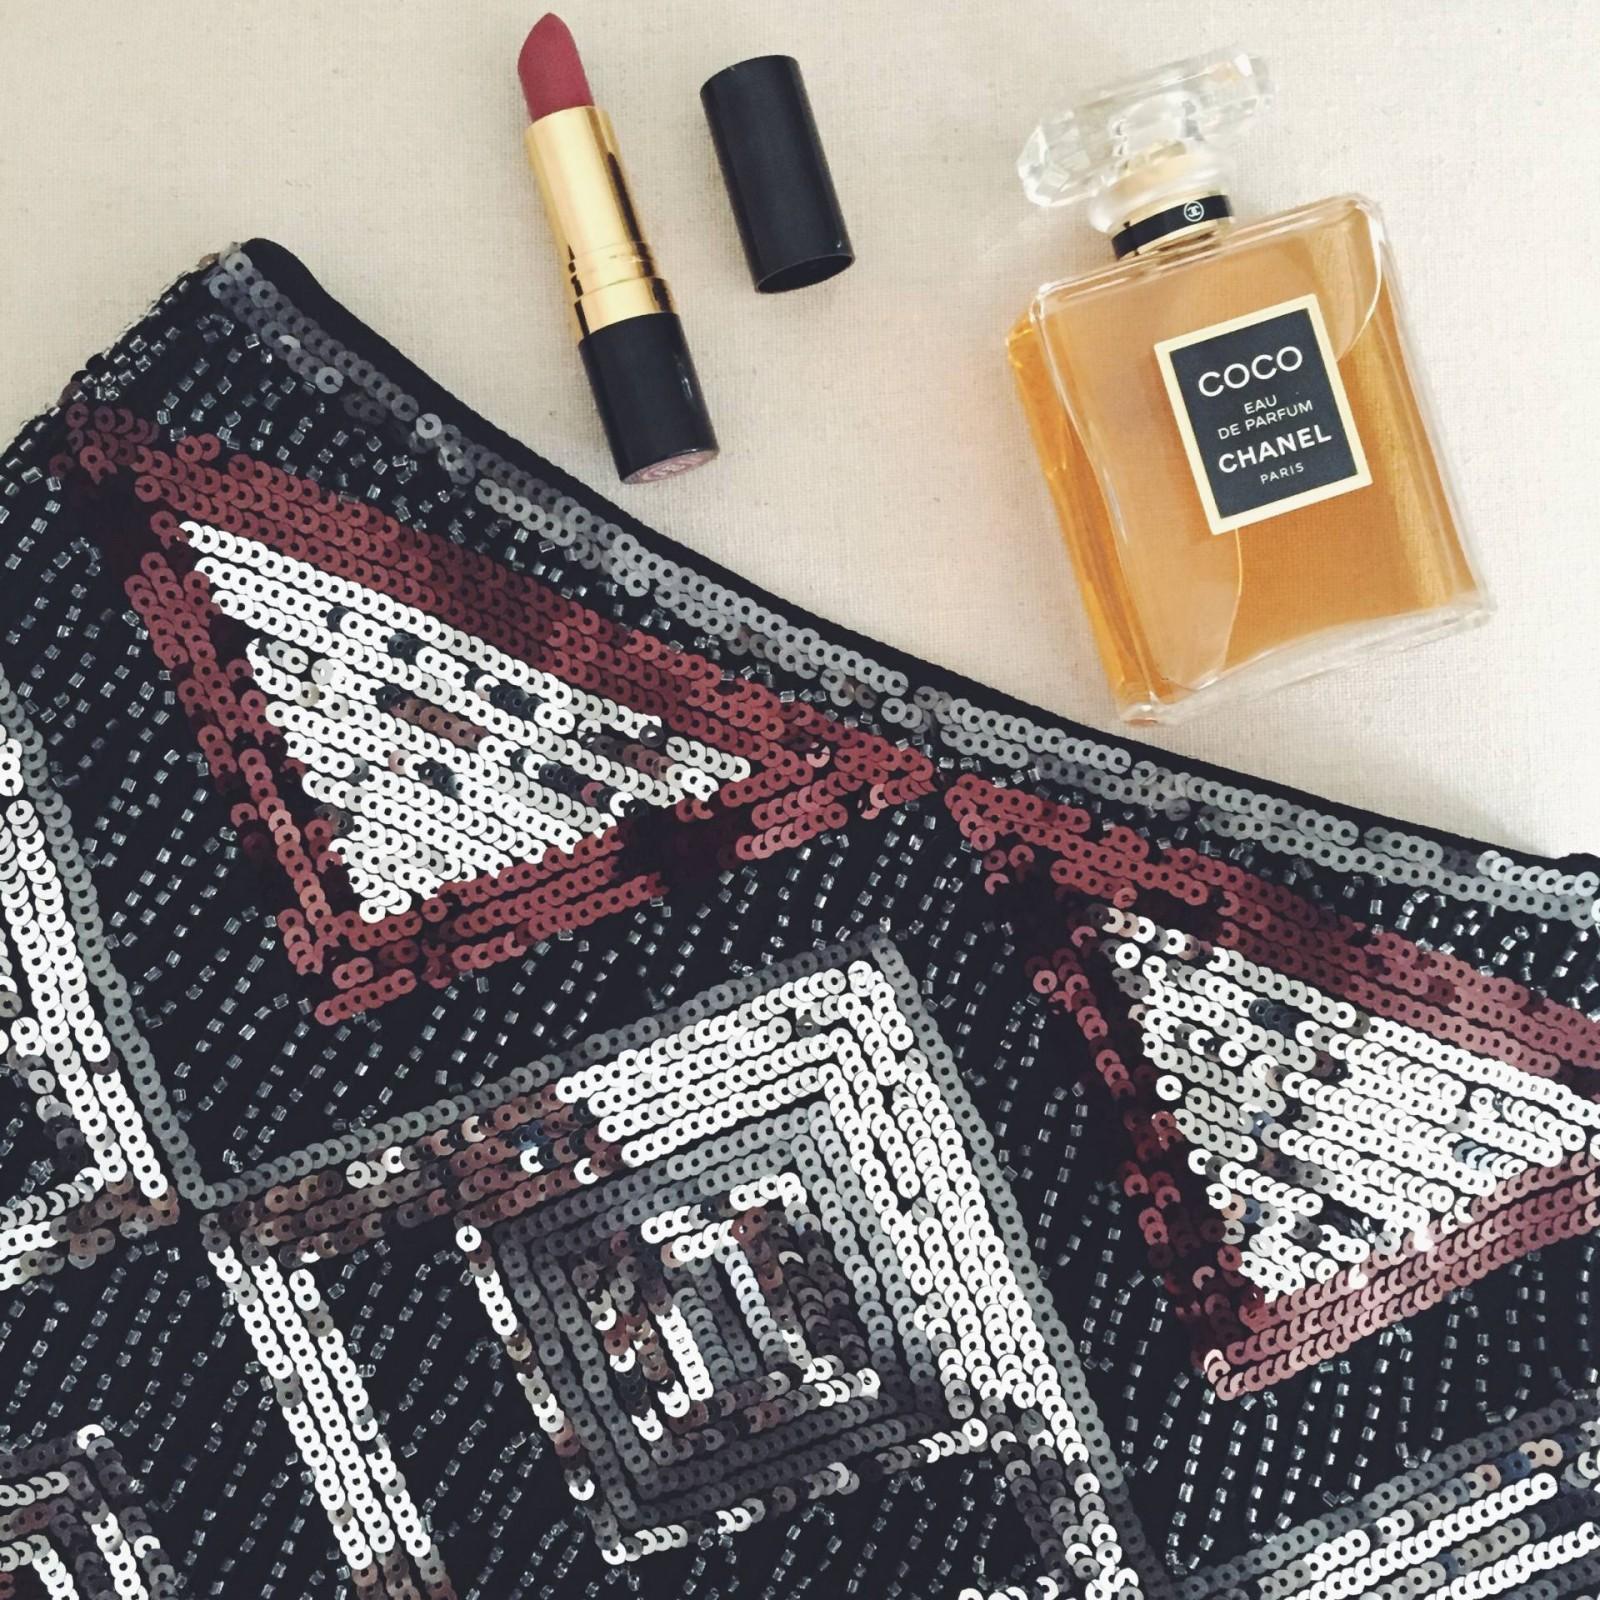 H&M sequin skirt, Revlon lipstick and Coco Chanel eau de parfum